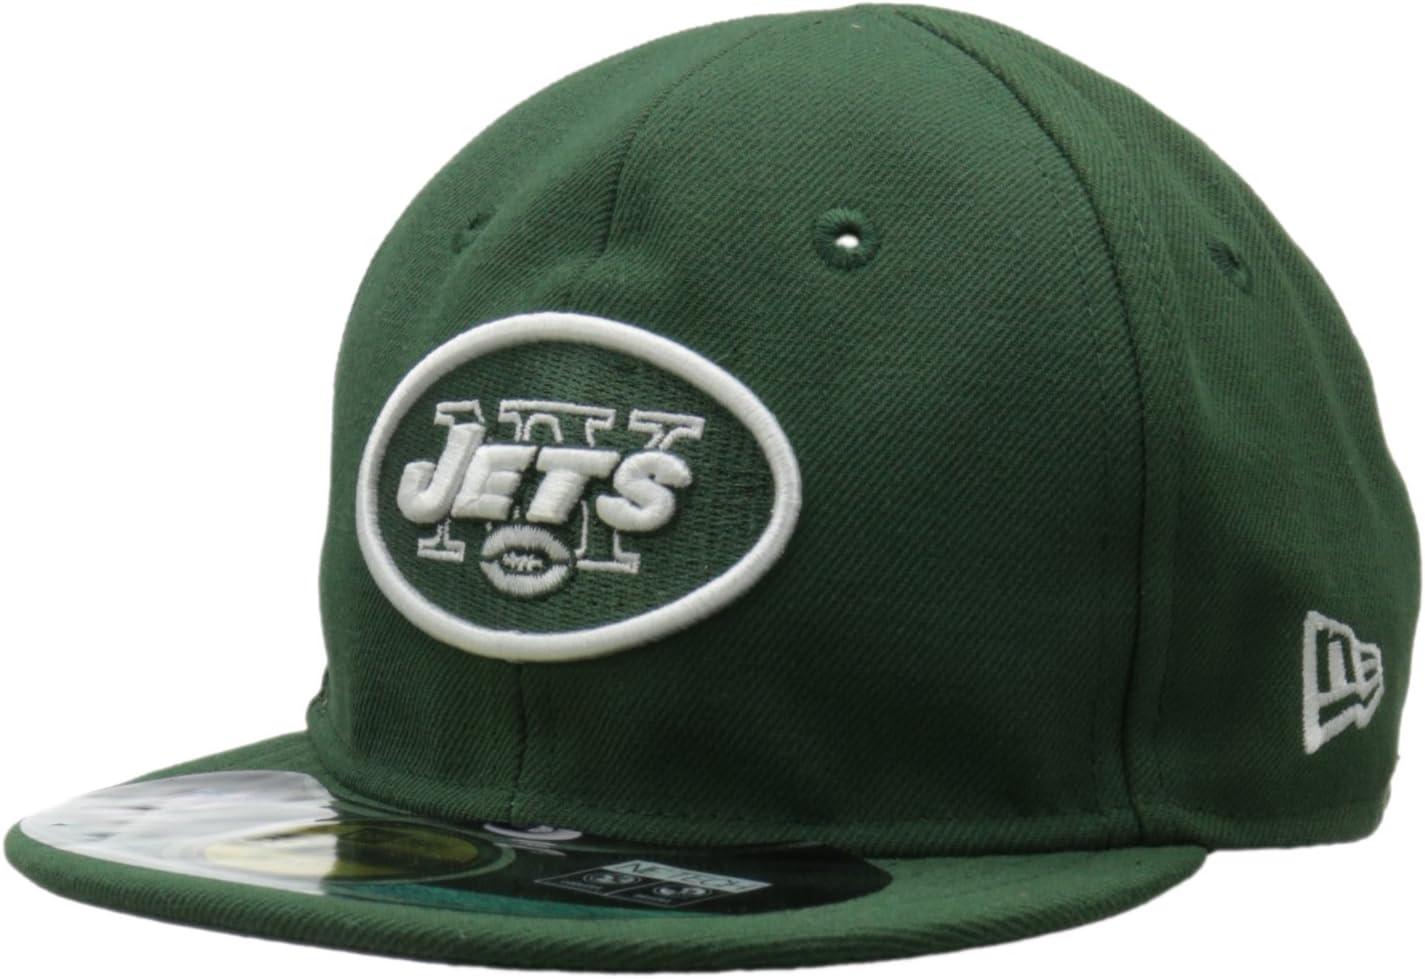 قبعة أطفال ماي فيرست 59Fifty من الدوري الوطني لكرة القدم الأمريكية، مقاس واحد